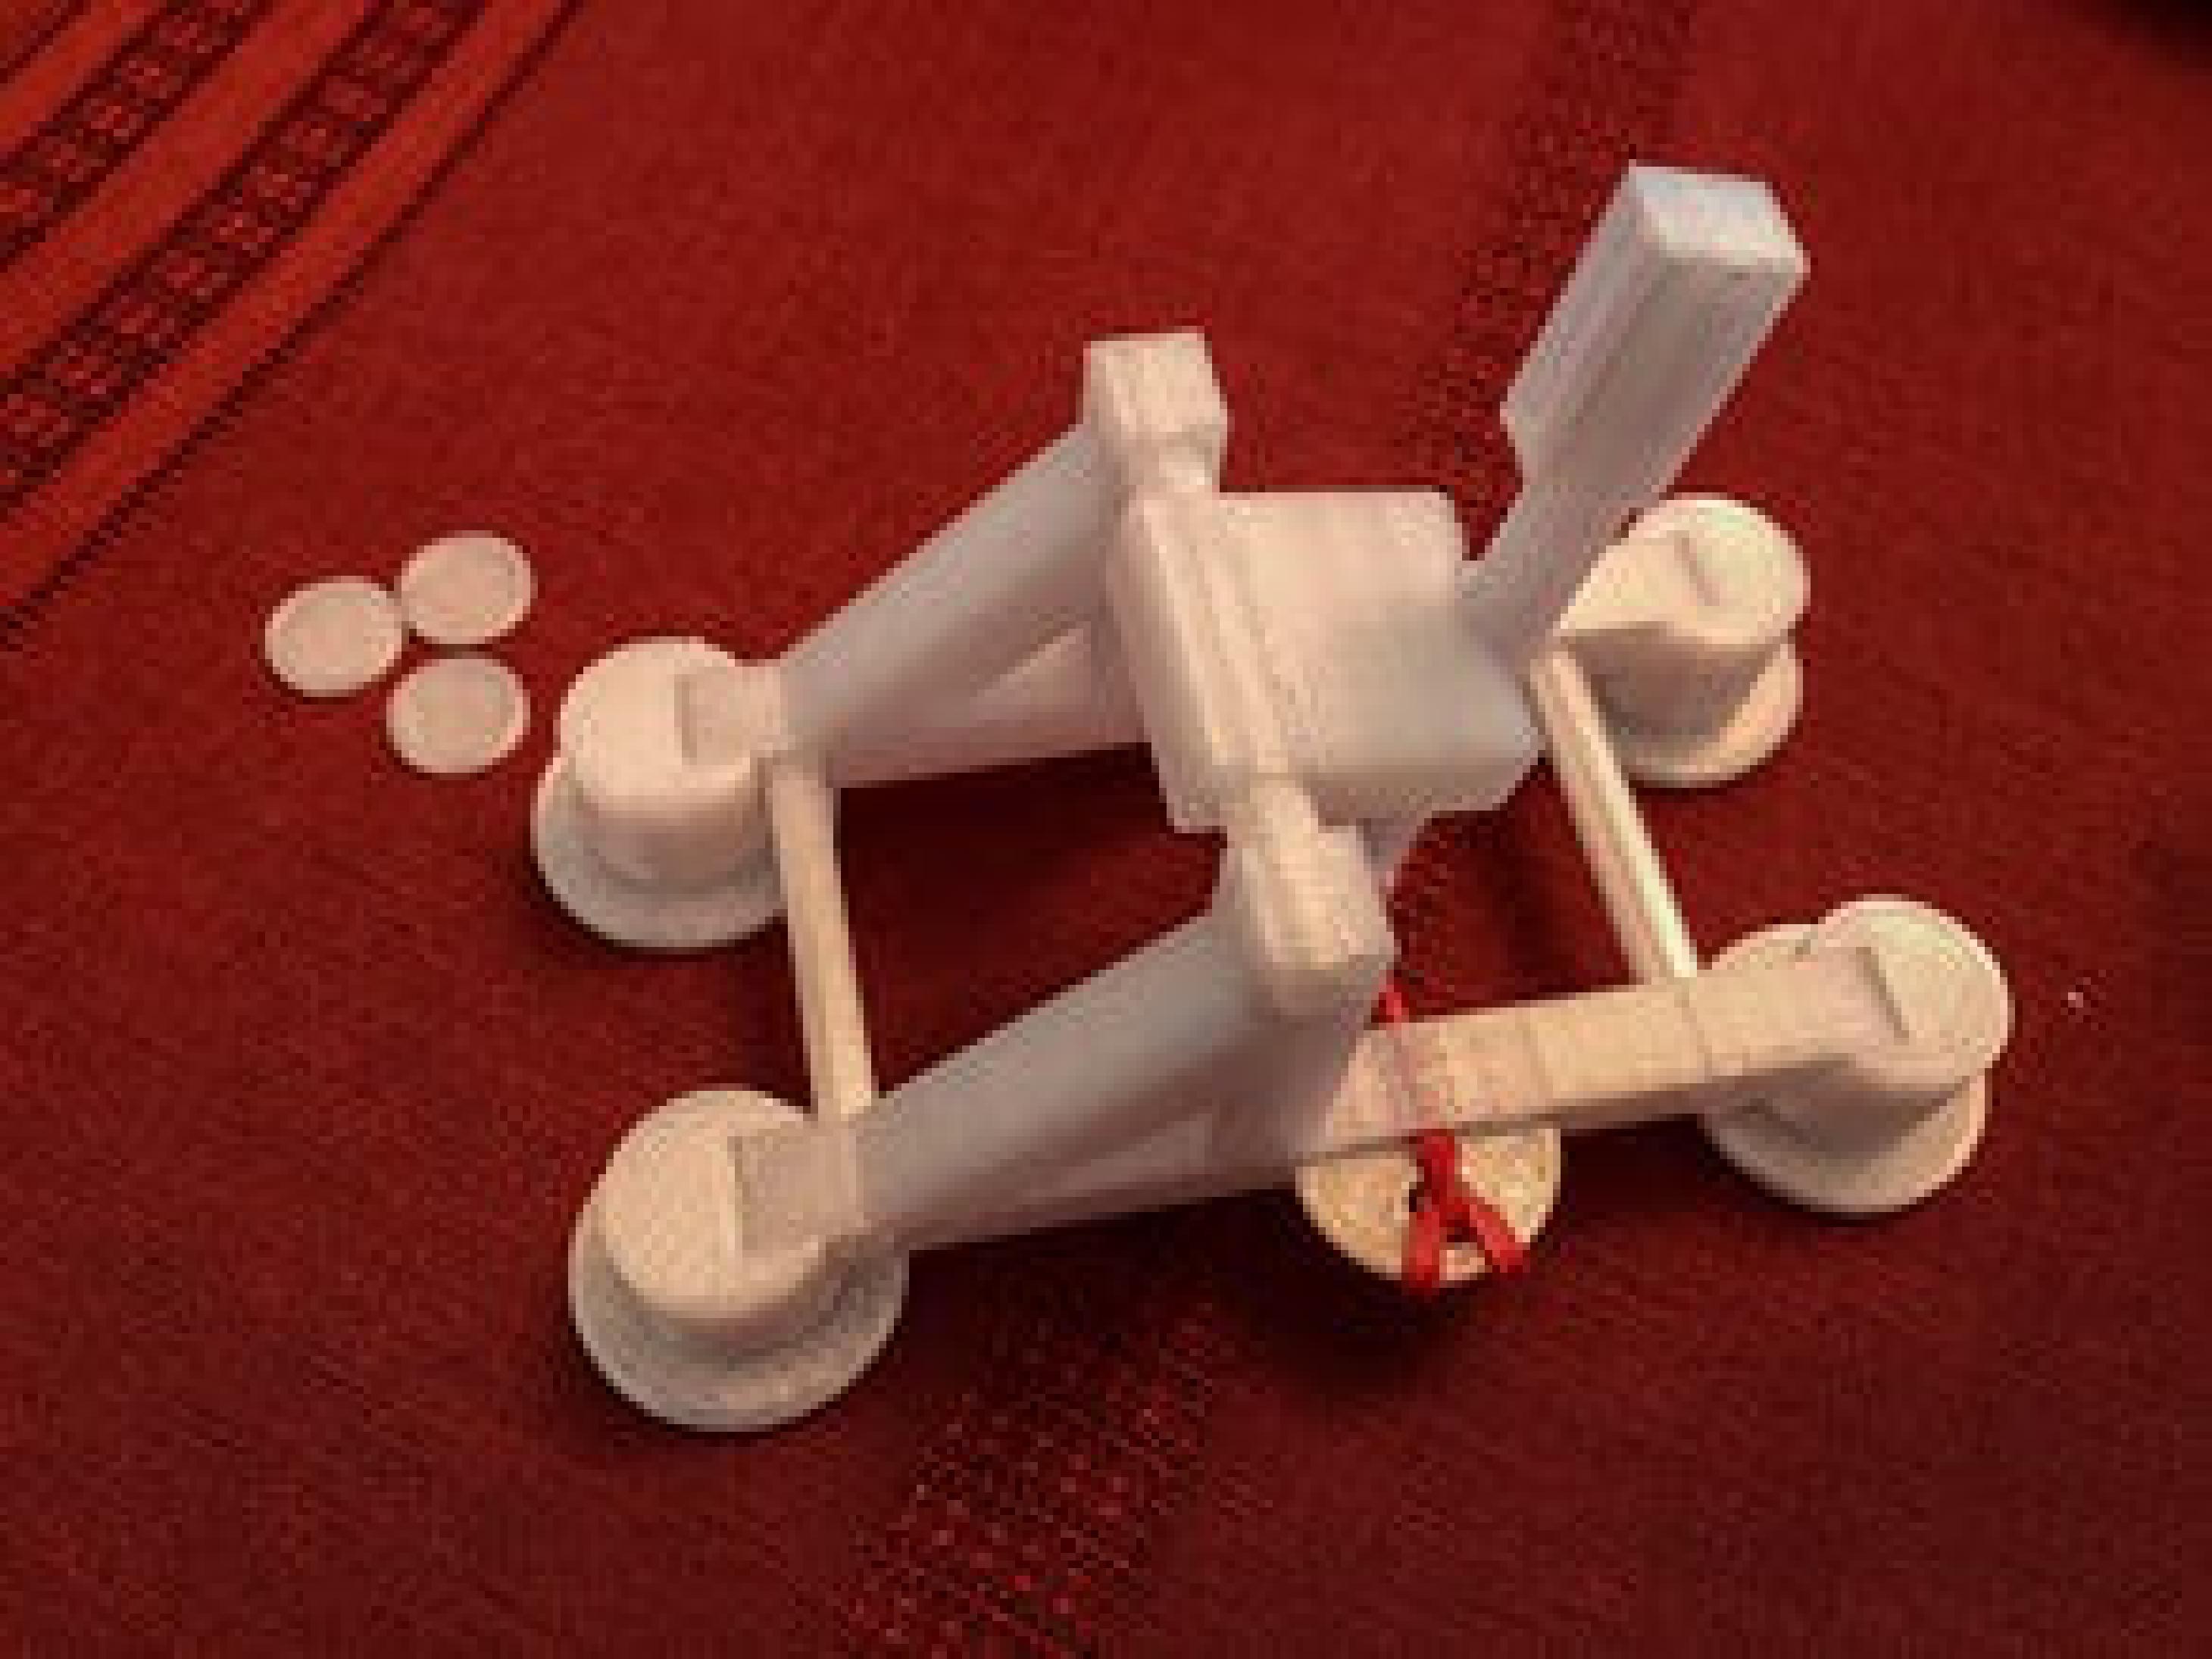 Mancınık Oyuncak Cocuk Oyun Dekoratif Biblo Dekor